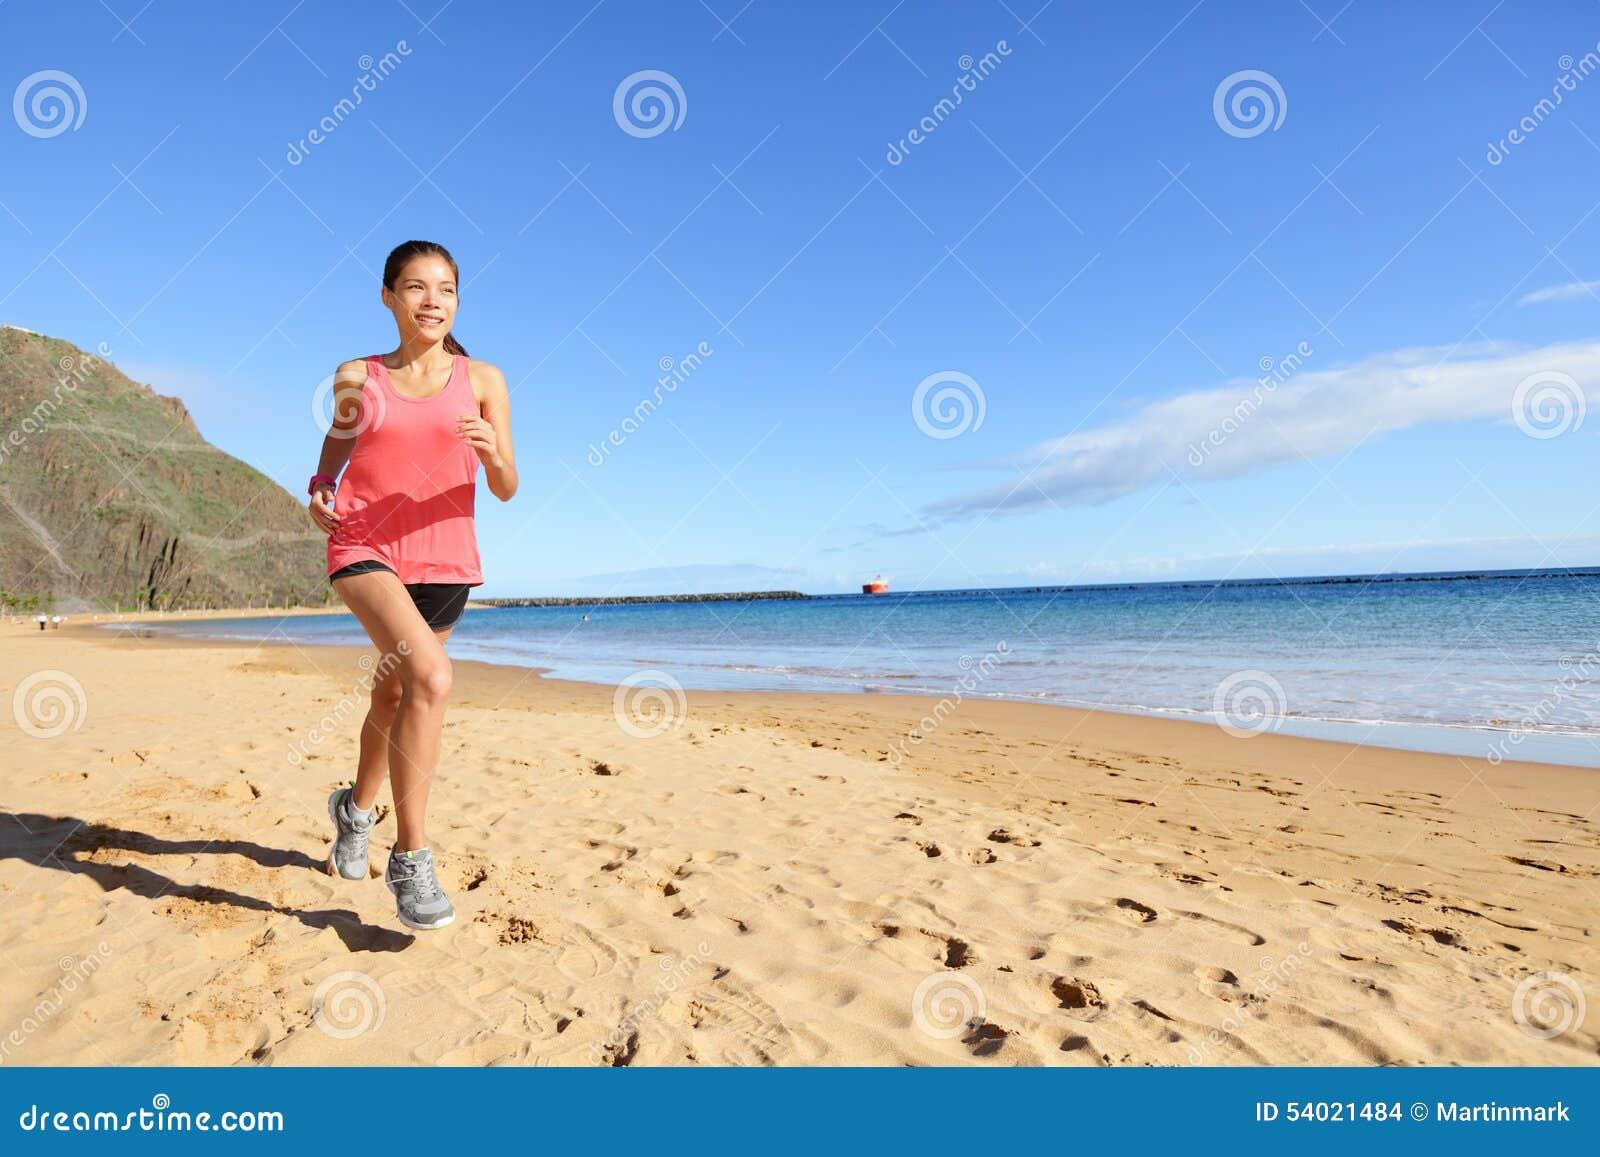 Mulher movimentando-se do corredor do atleta dos esportes na praia